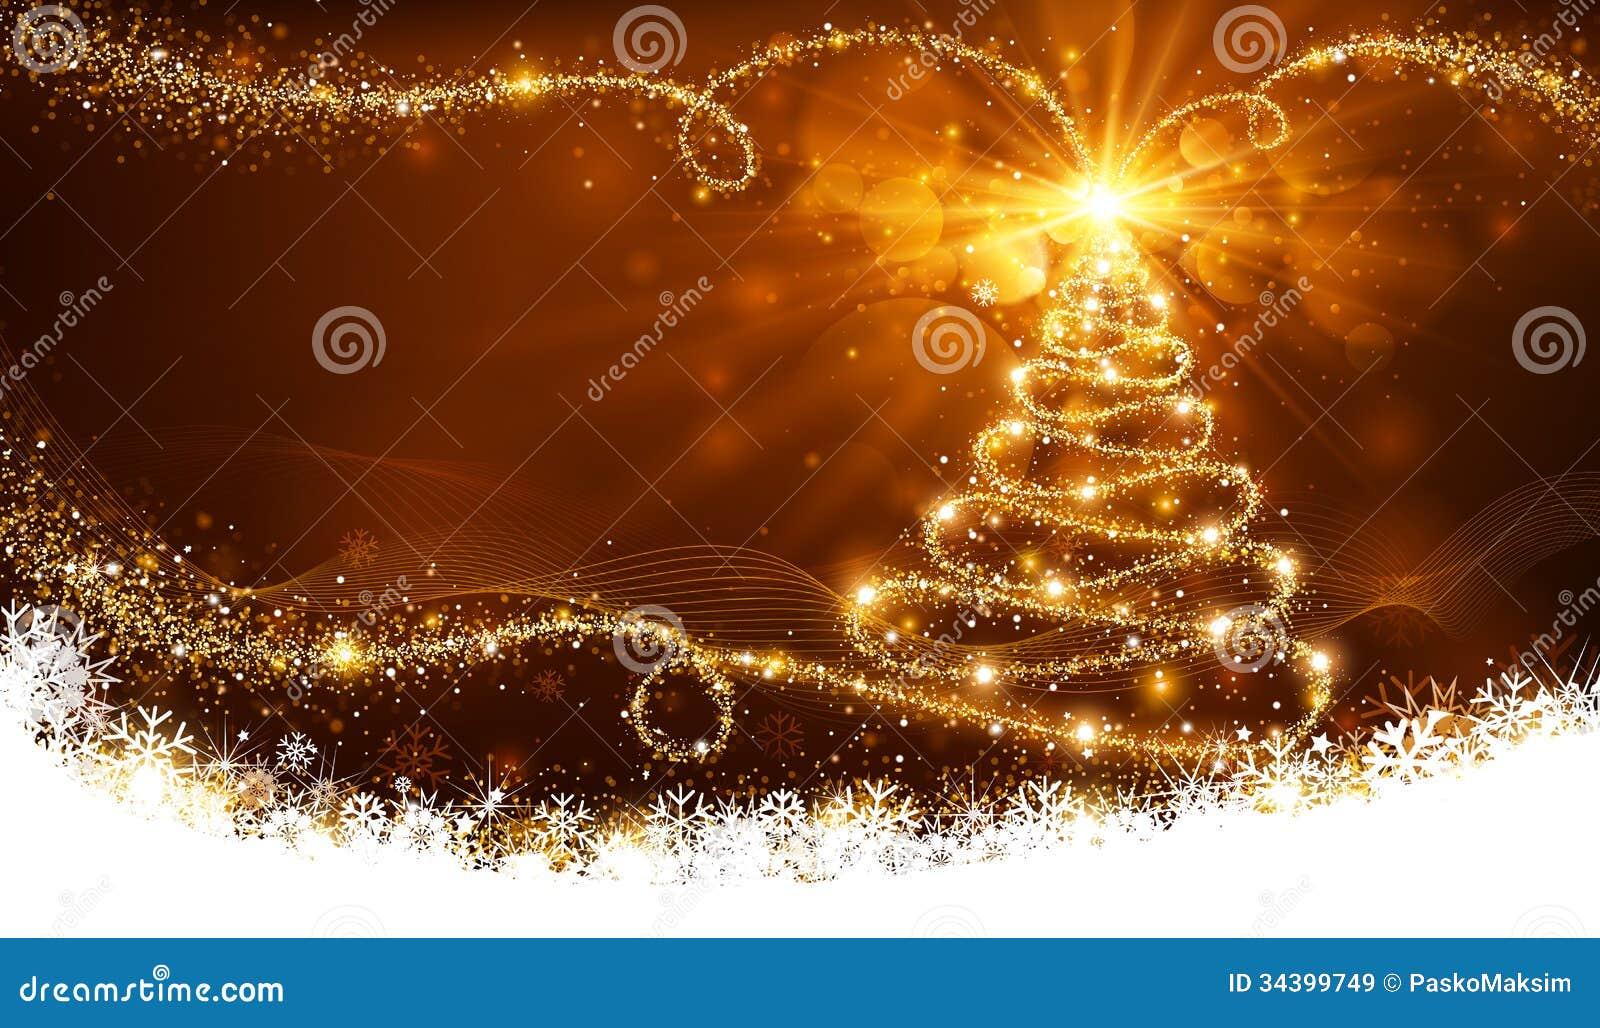 Волшебная рождественская елка